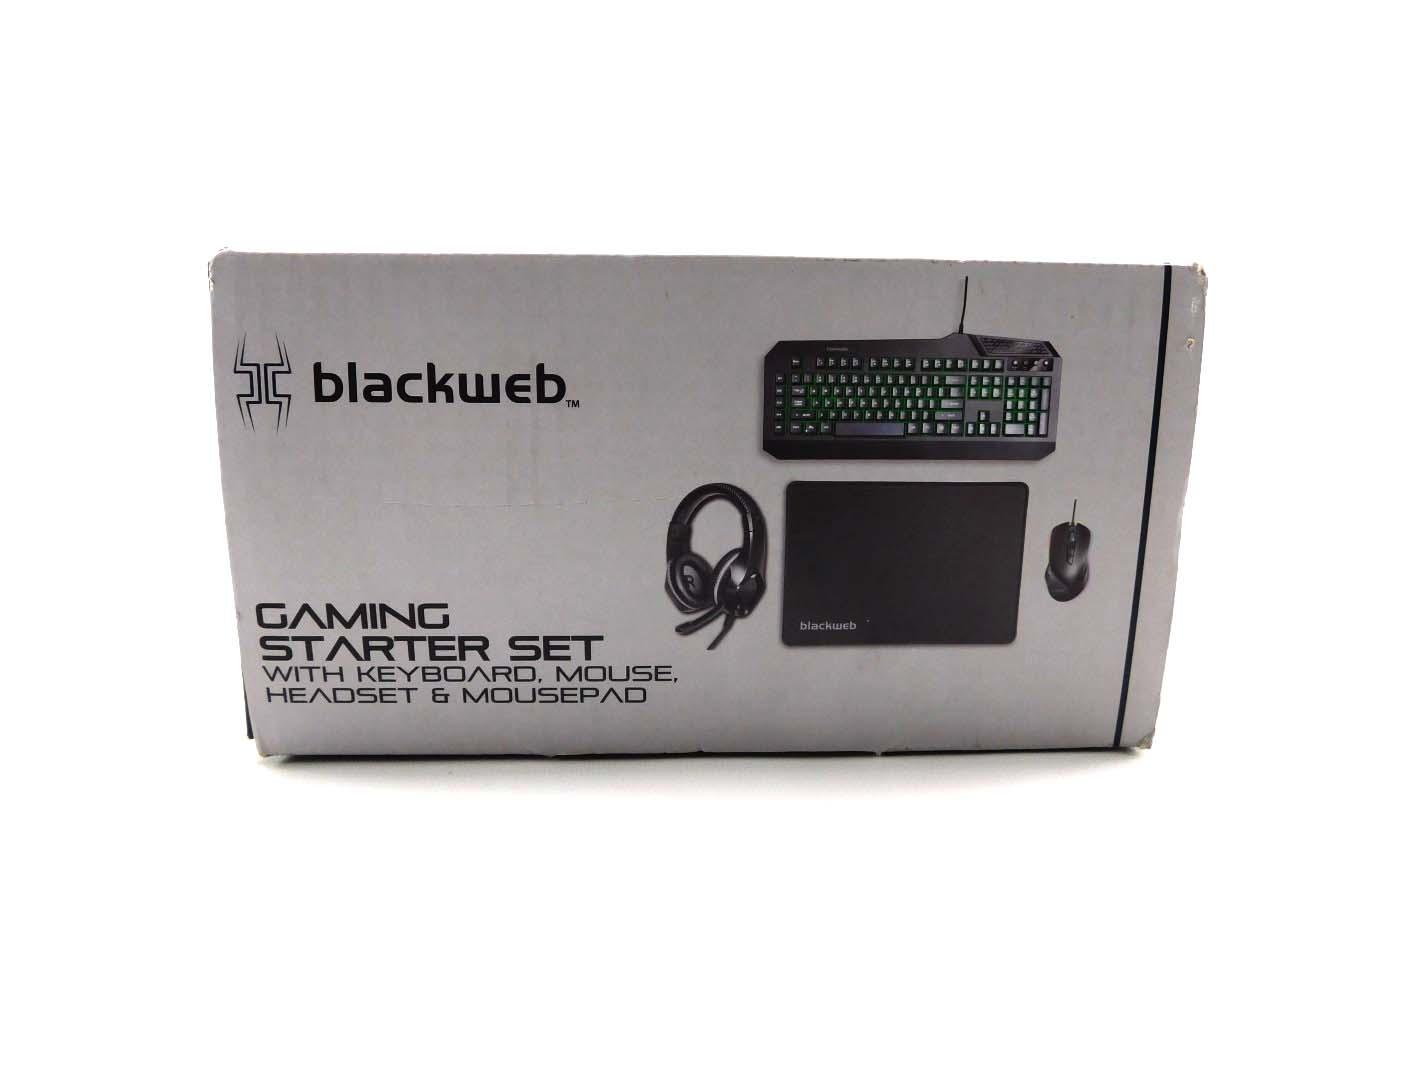 Blackweb gaming mouse